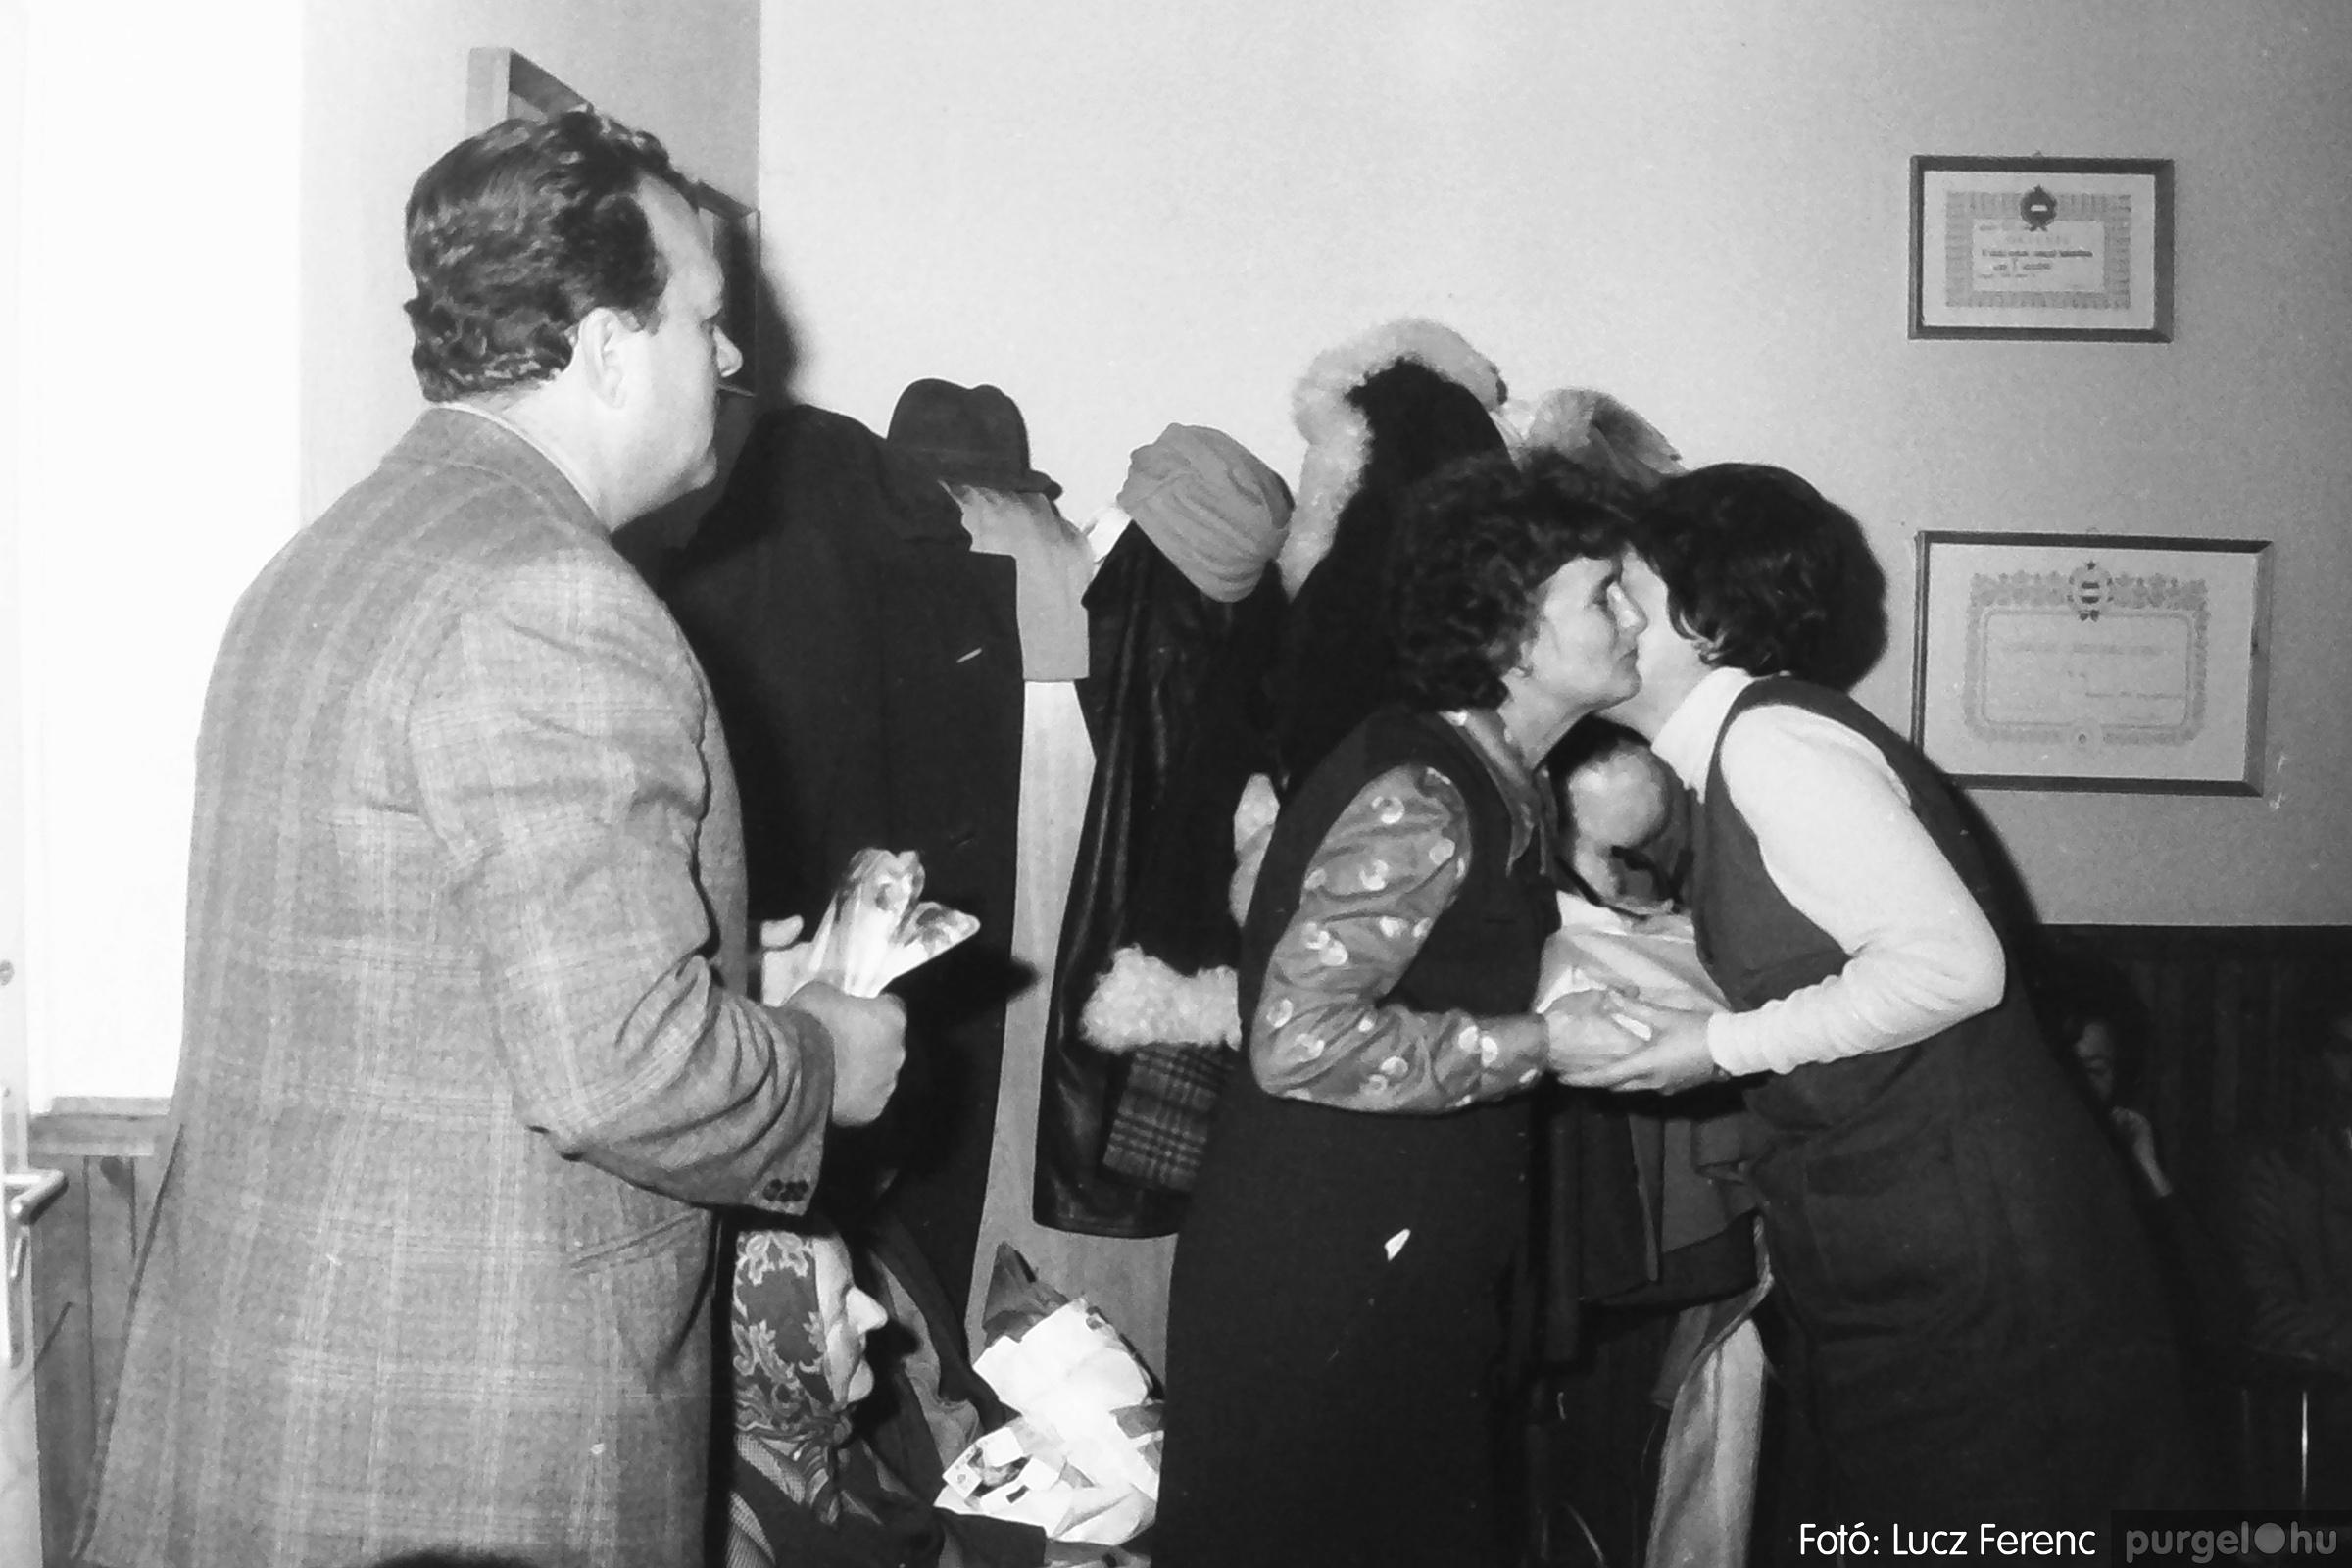 096. 1977. Karácsonyi összejövetel a kultúrházban 004. - Fotó: Lucz Ferenc.jpg